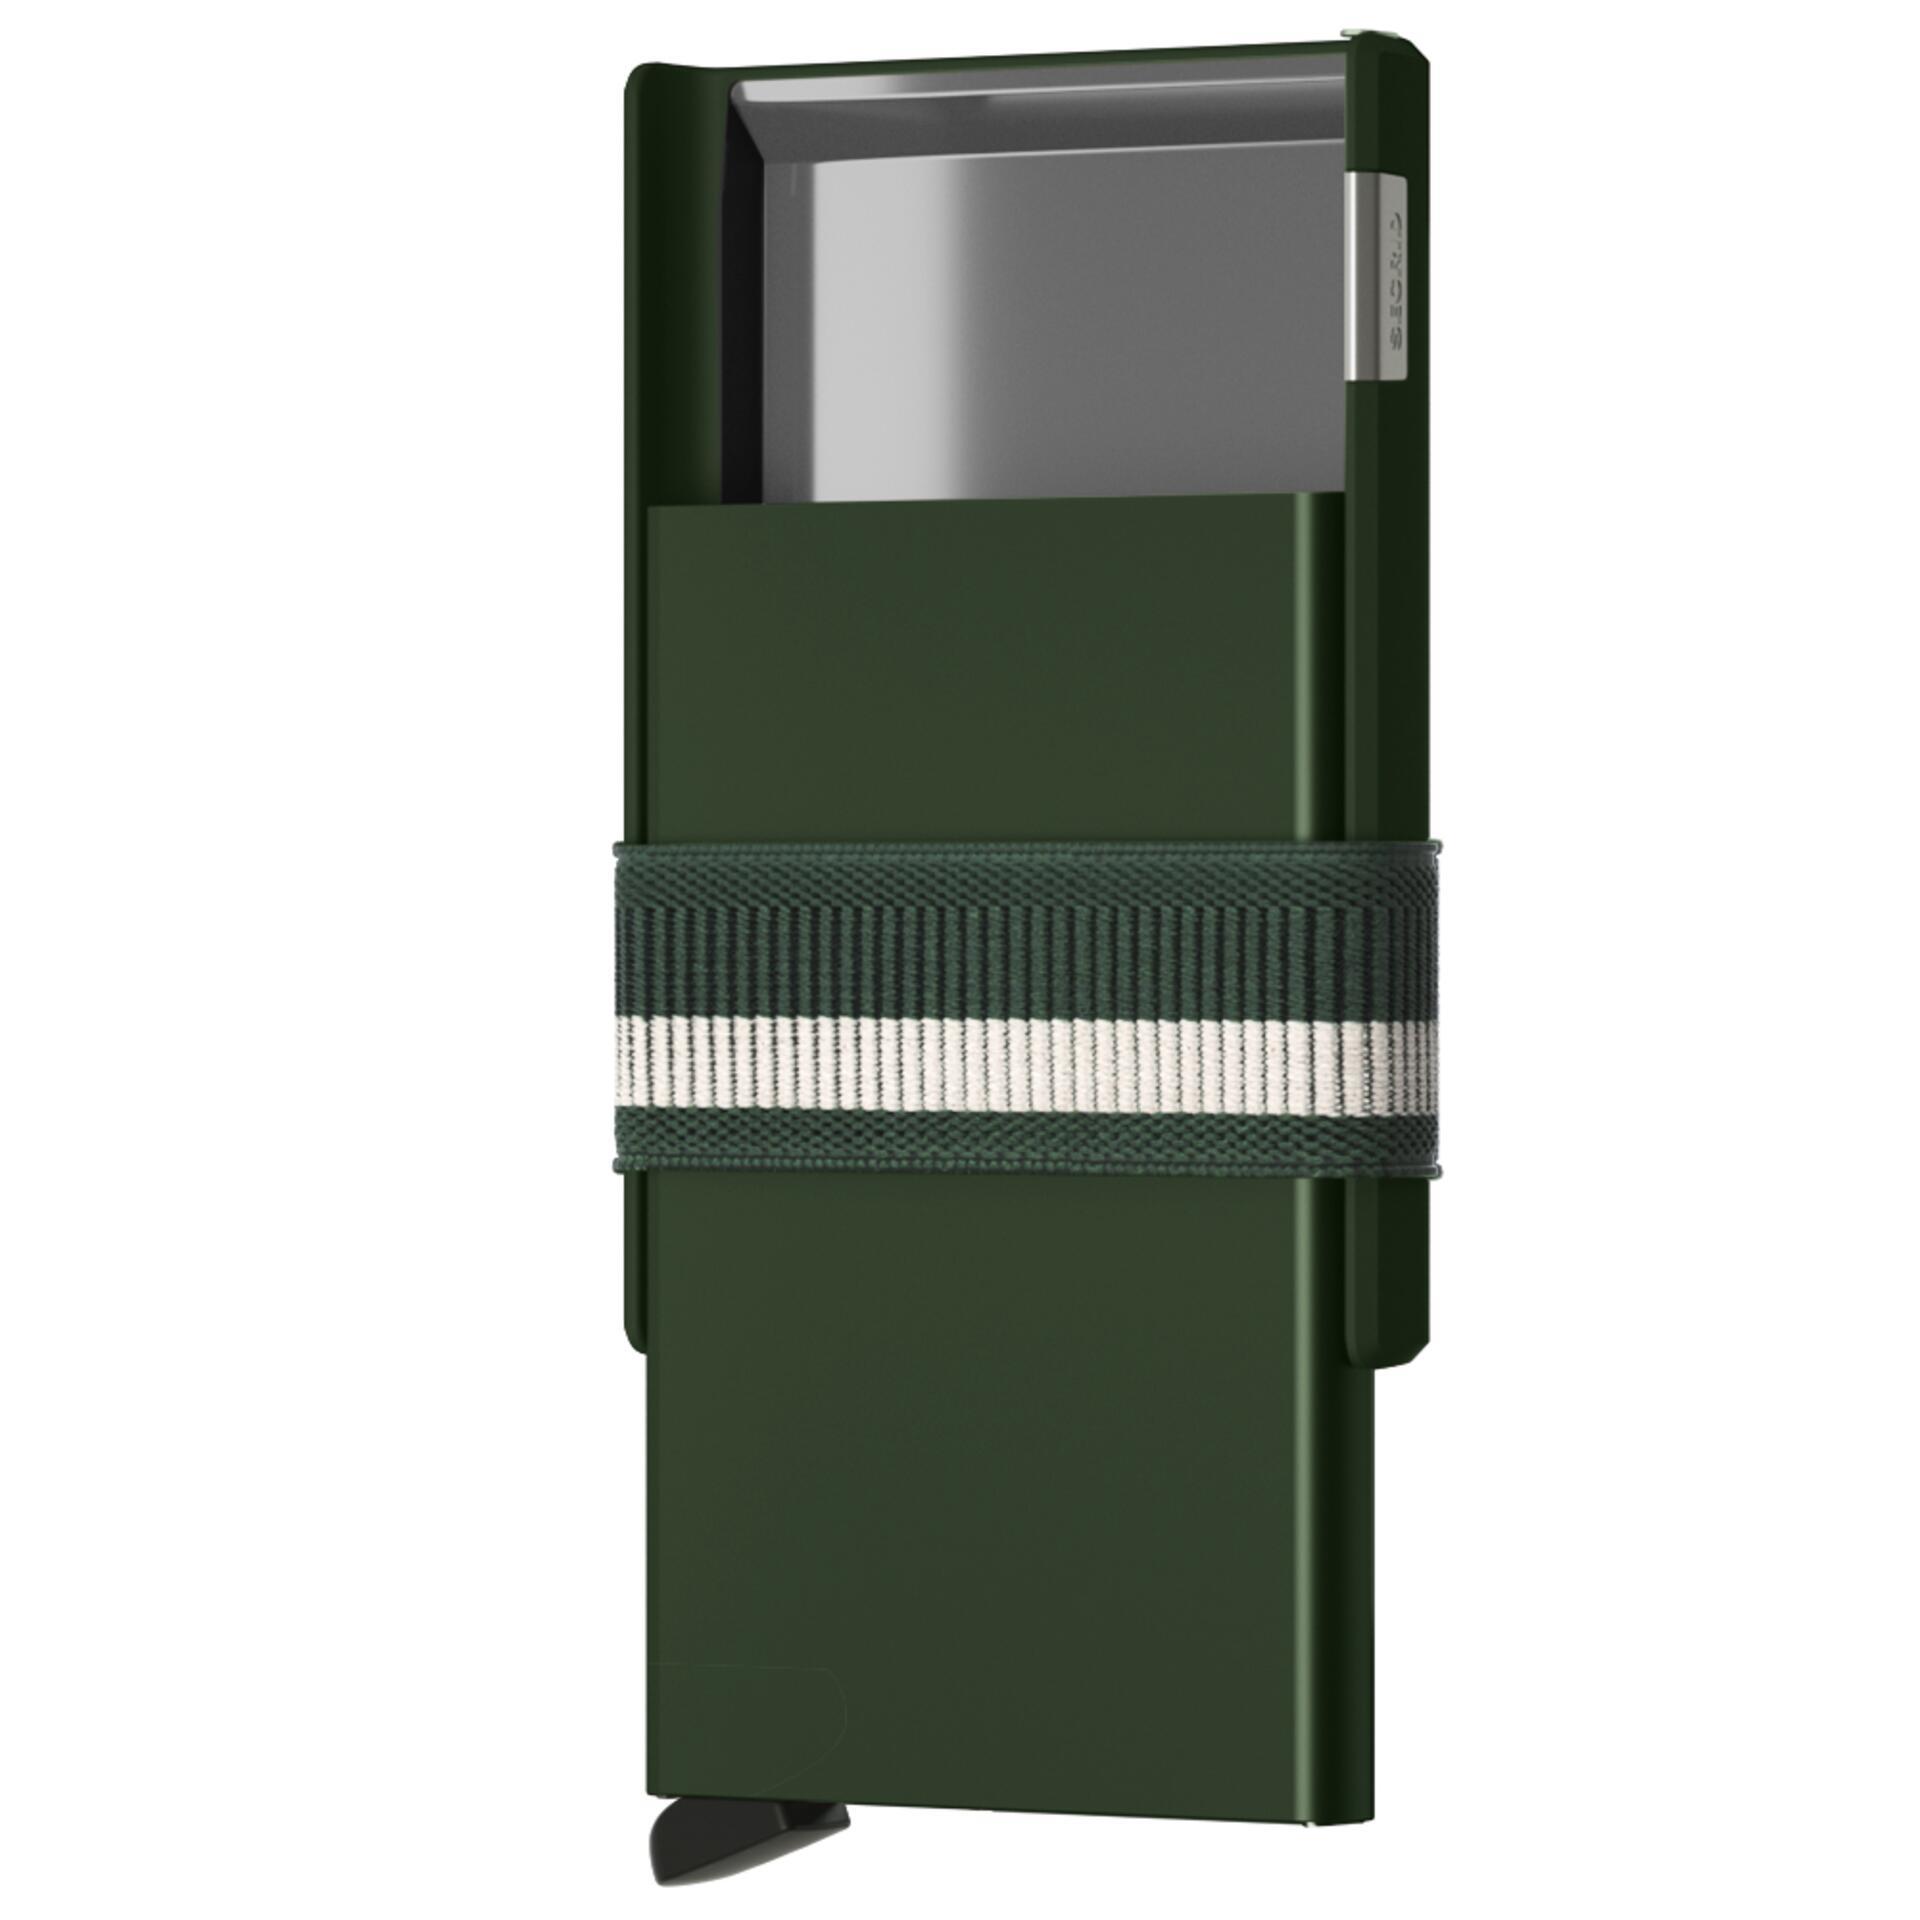 Secrid Cardslide Green